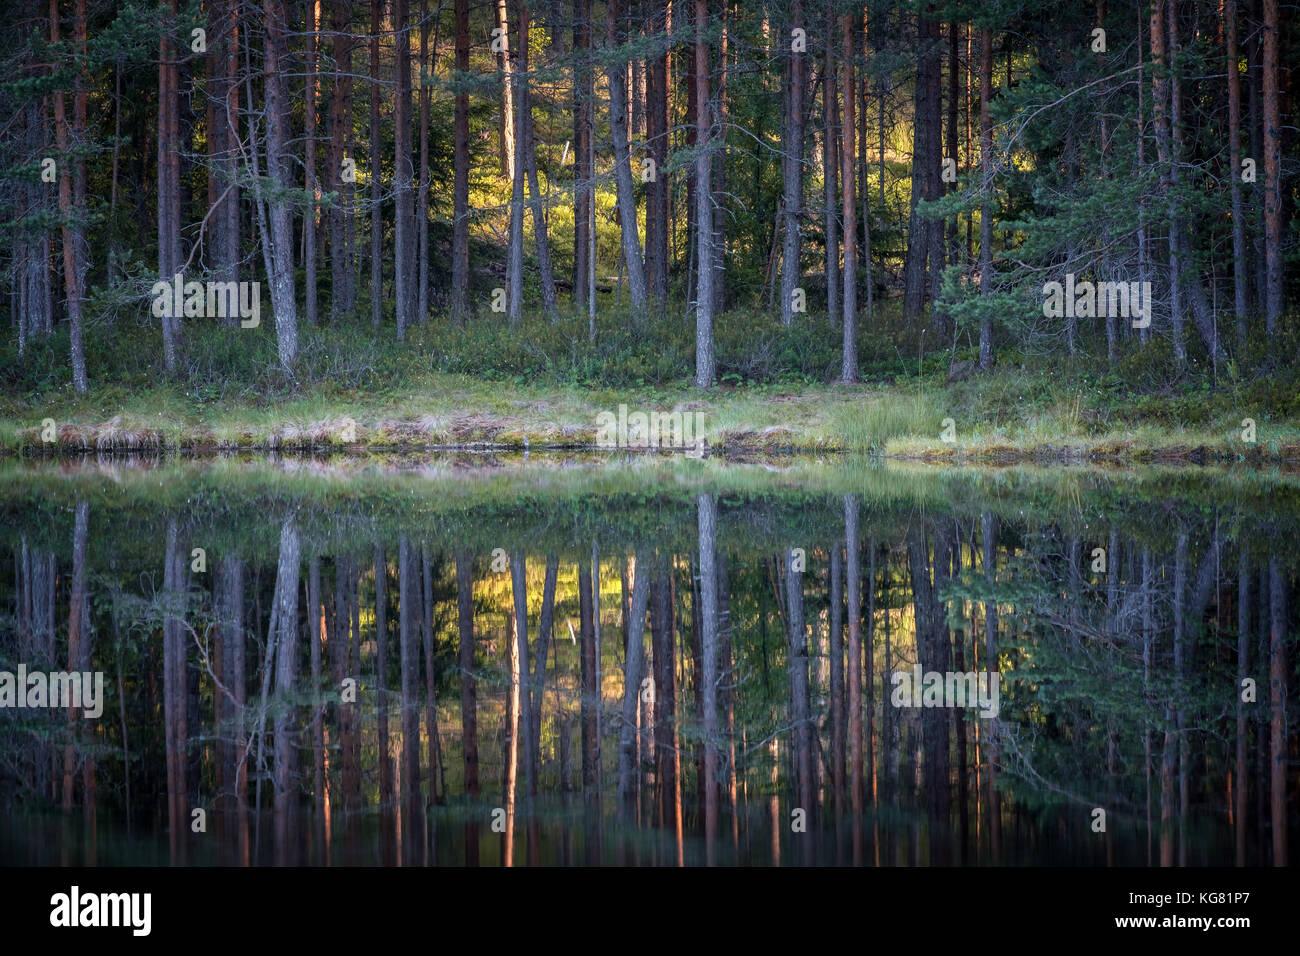 Hermosa reflexión con árboles y bosques en el estanque en Finlandia Imagen De Stock